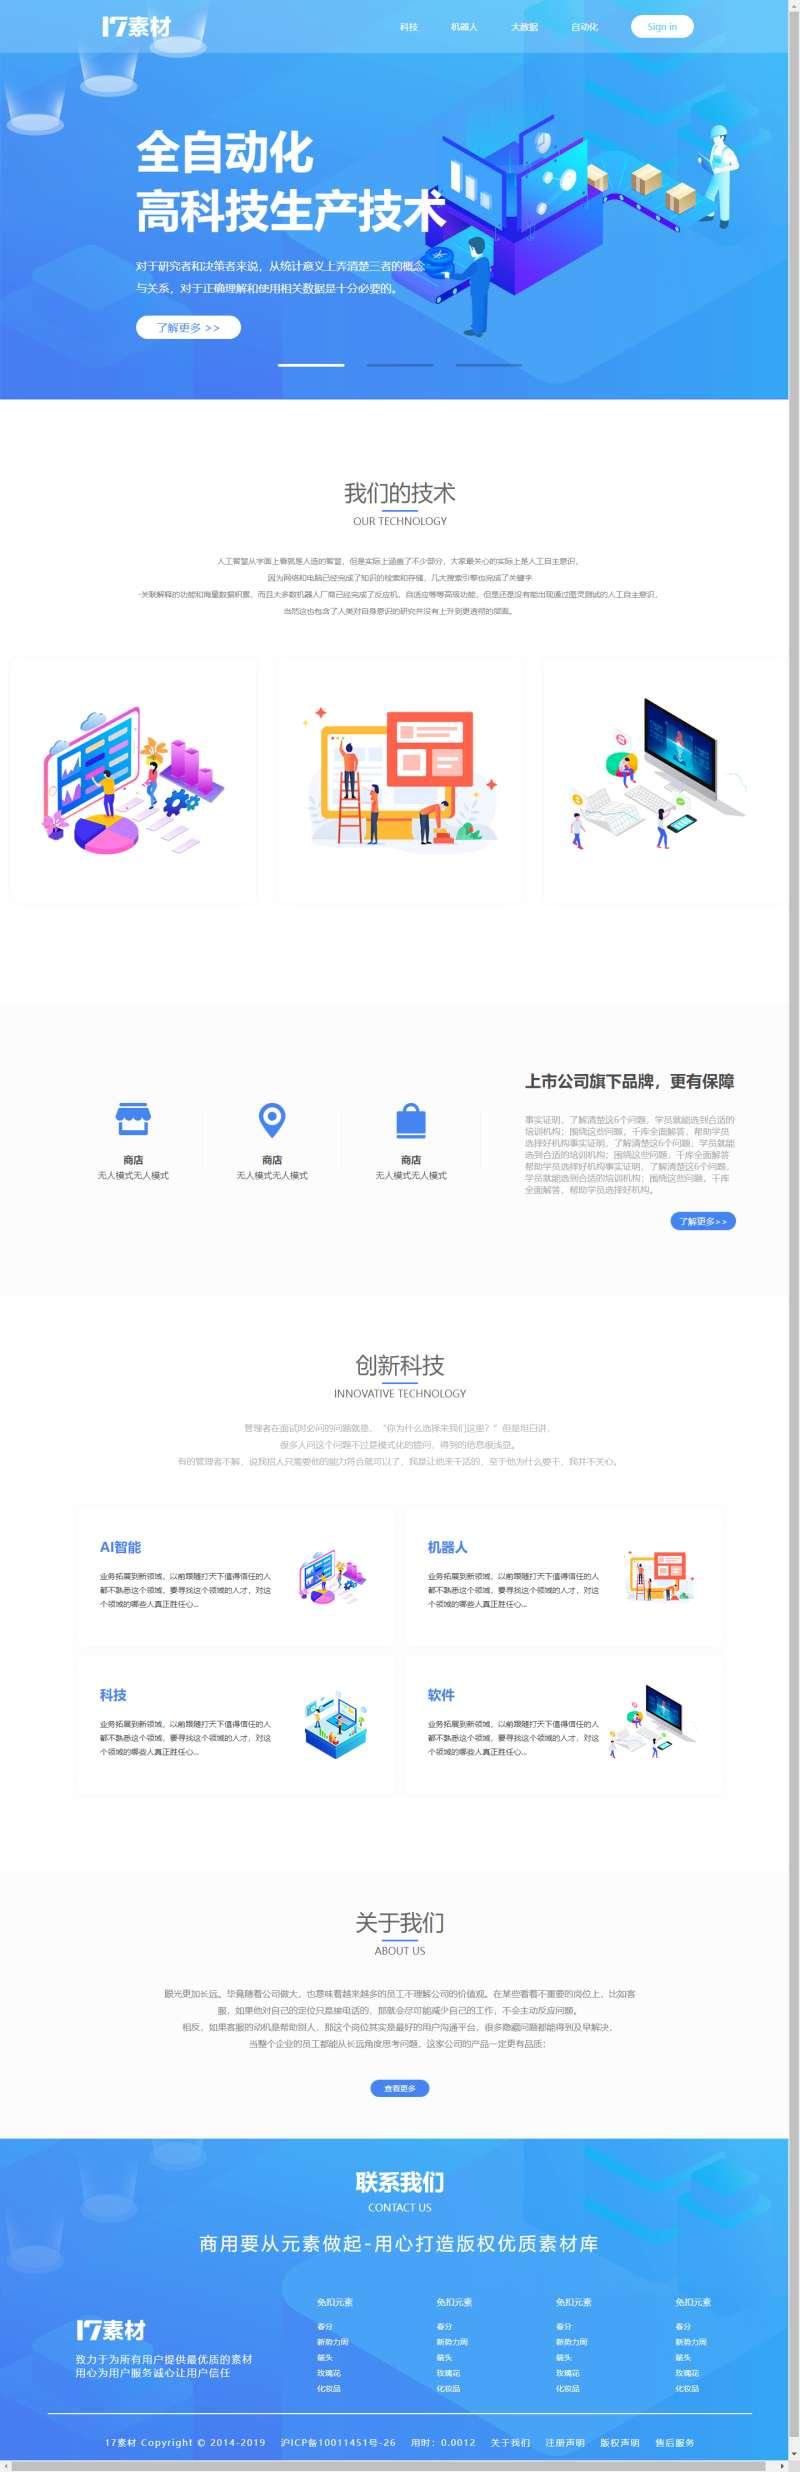 智能科技自动化企业网站首页模板